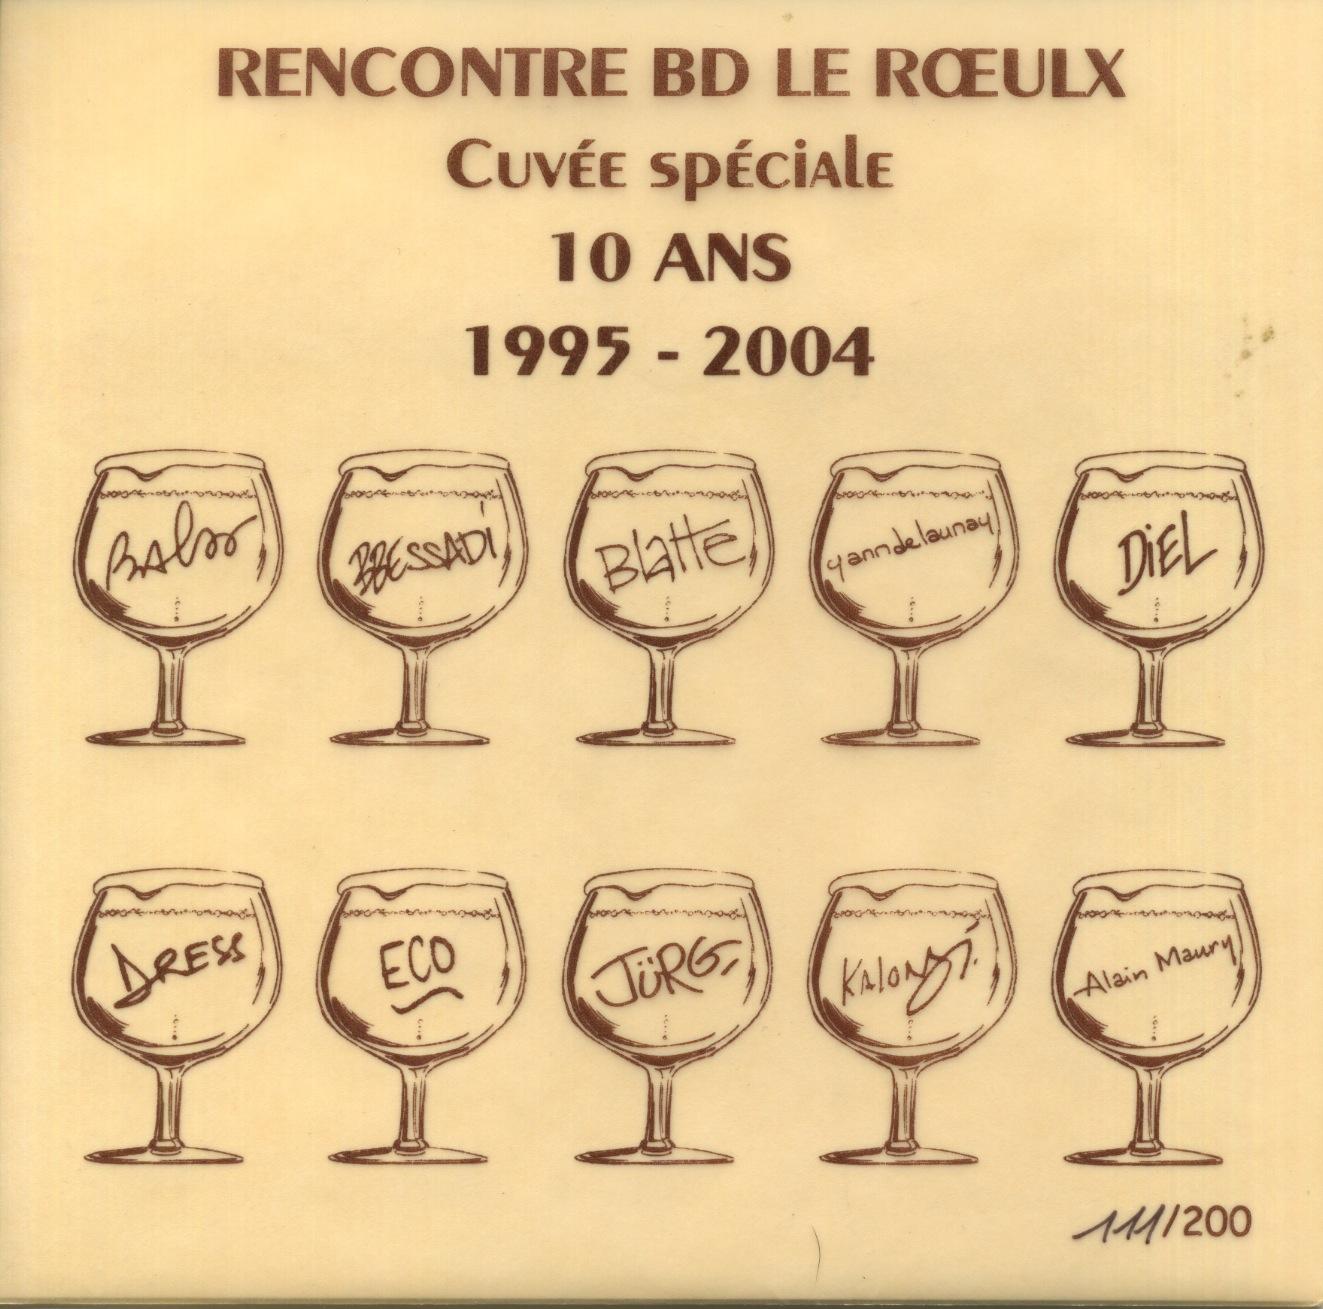 Etiquette de Vin  Cuvée spéciale 10 ans 1995-2004 Festival BD du Roeulx